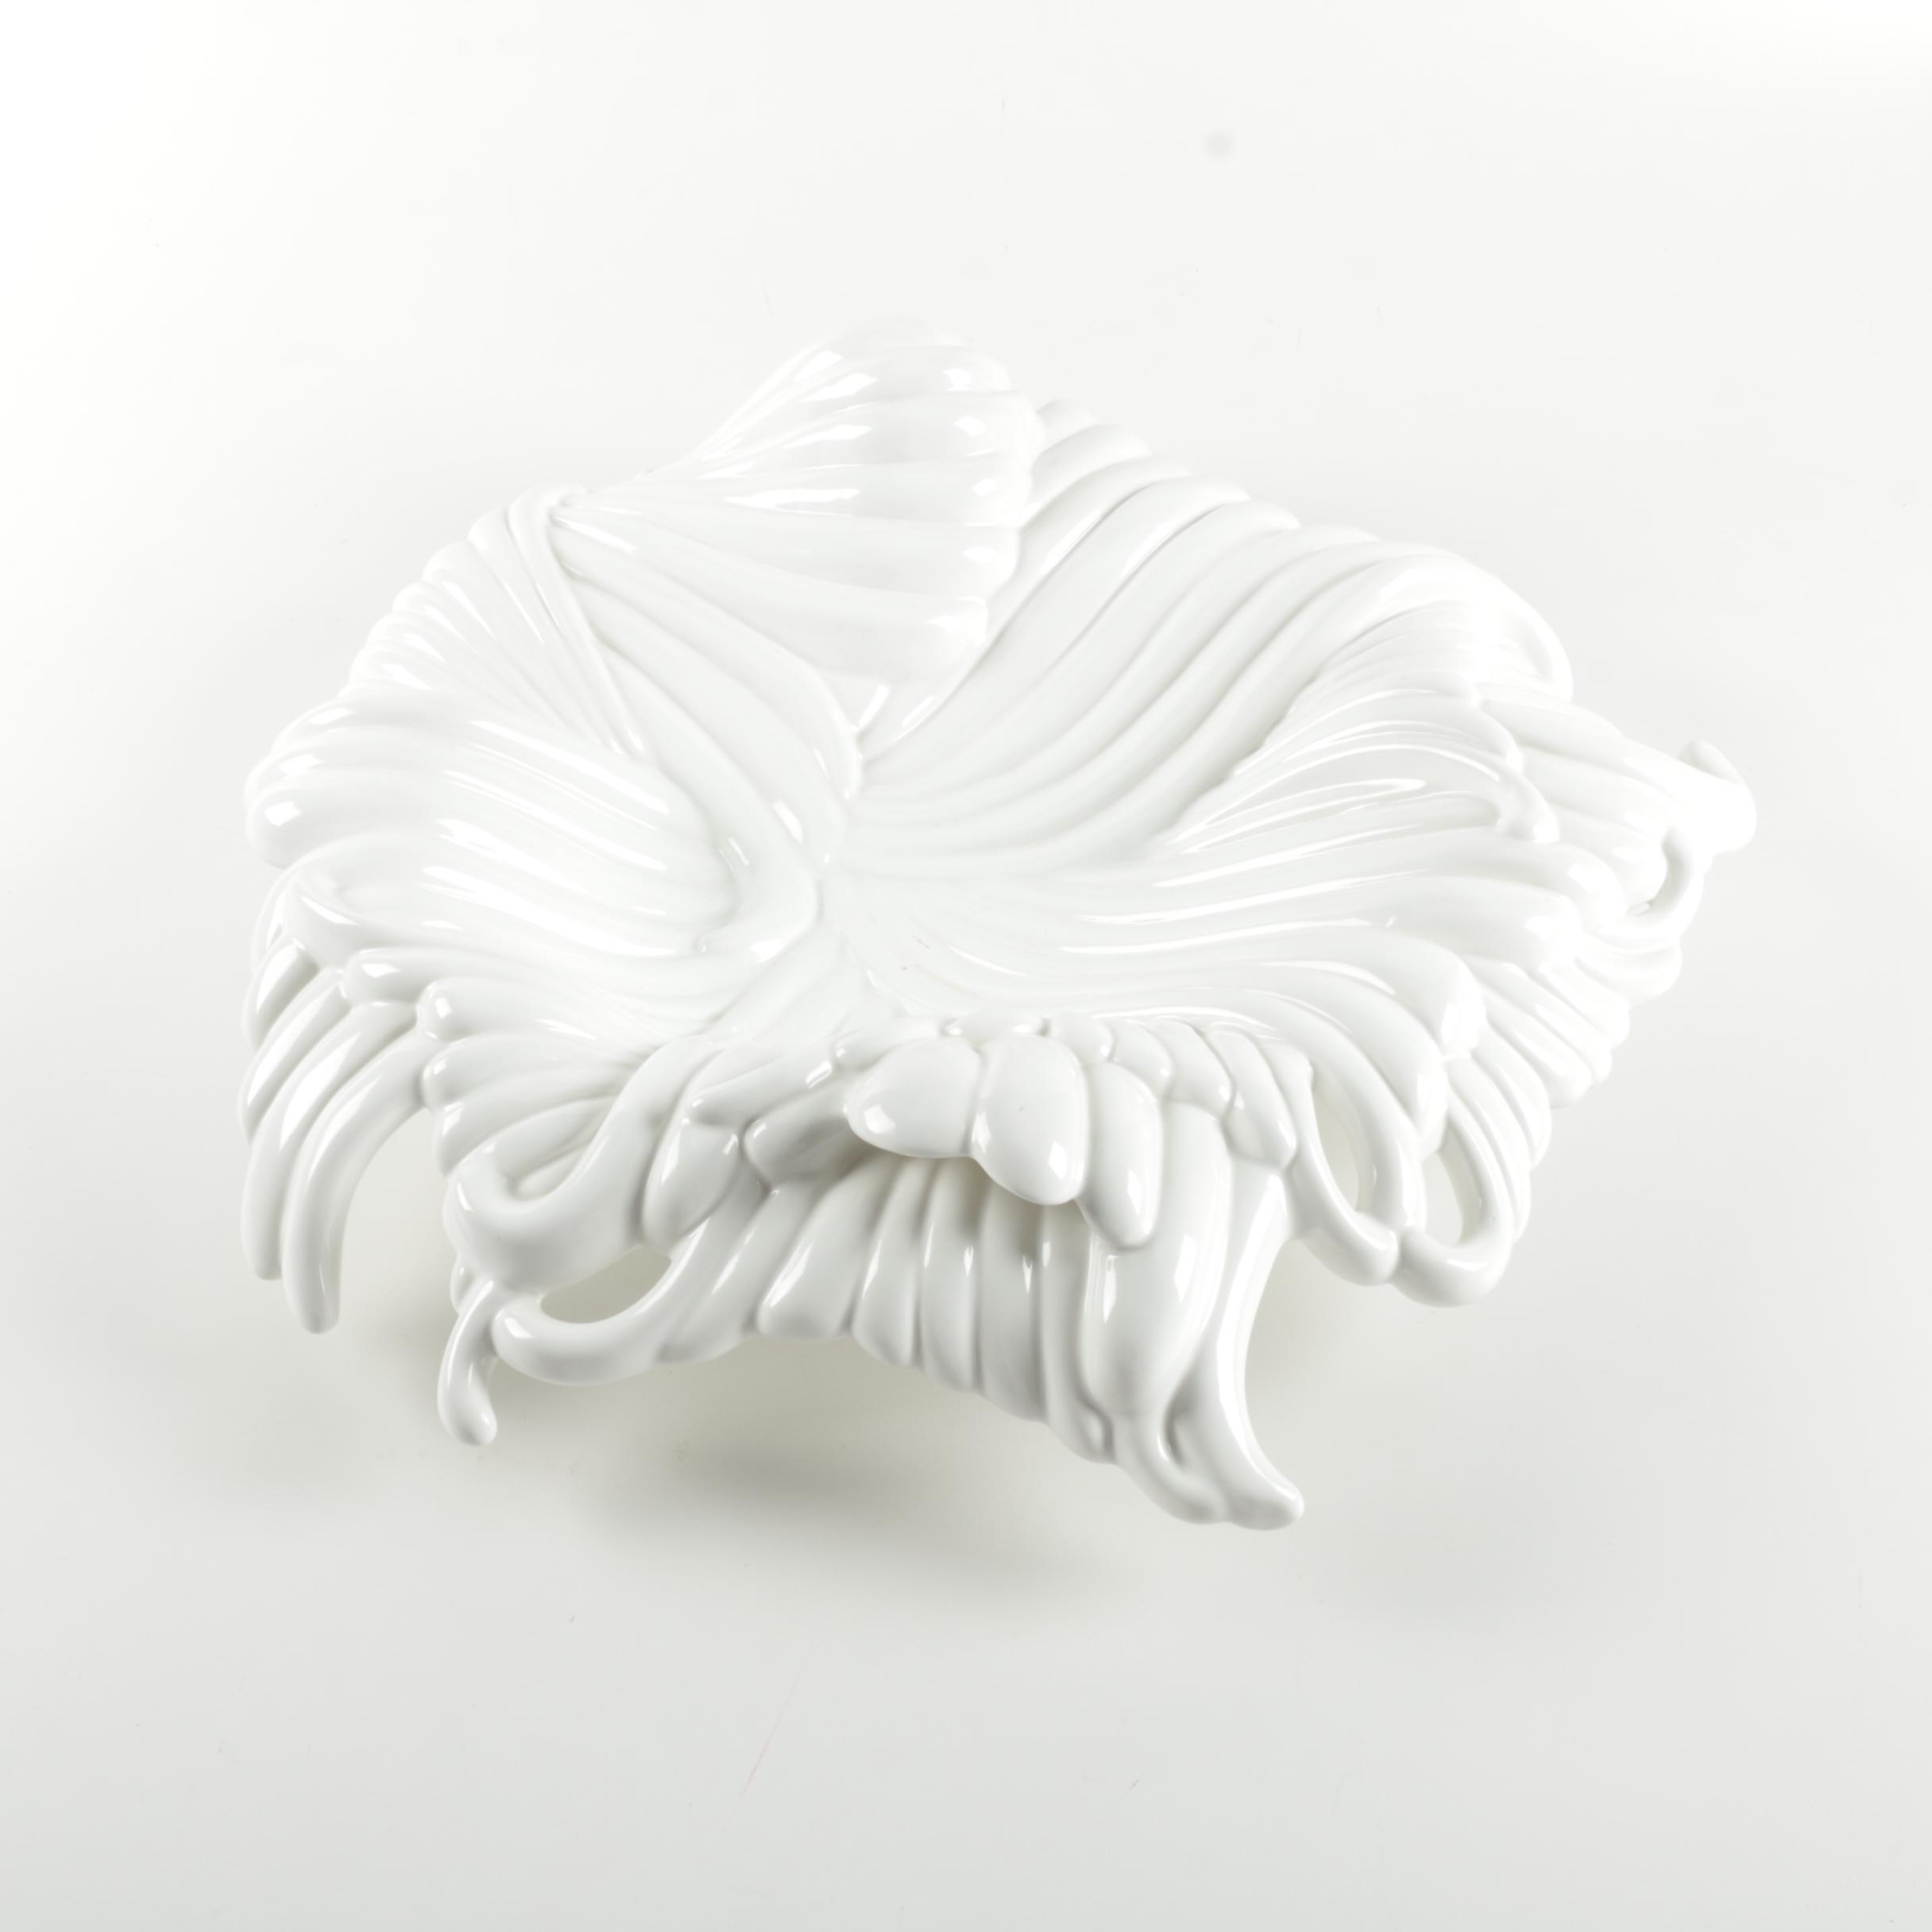 Italian Arpex International Decorative Ceramic Dish